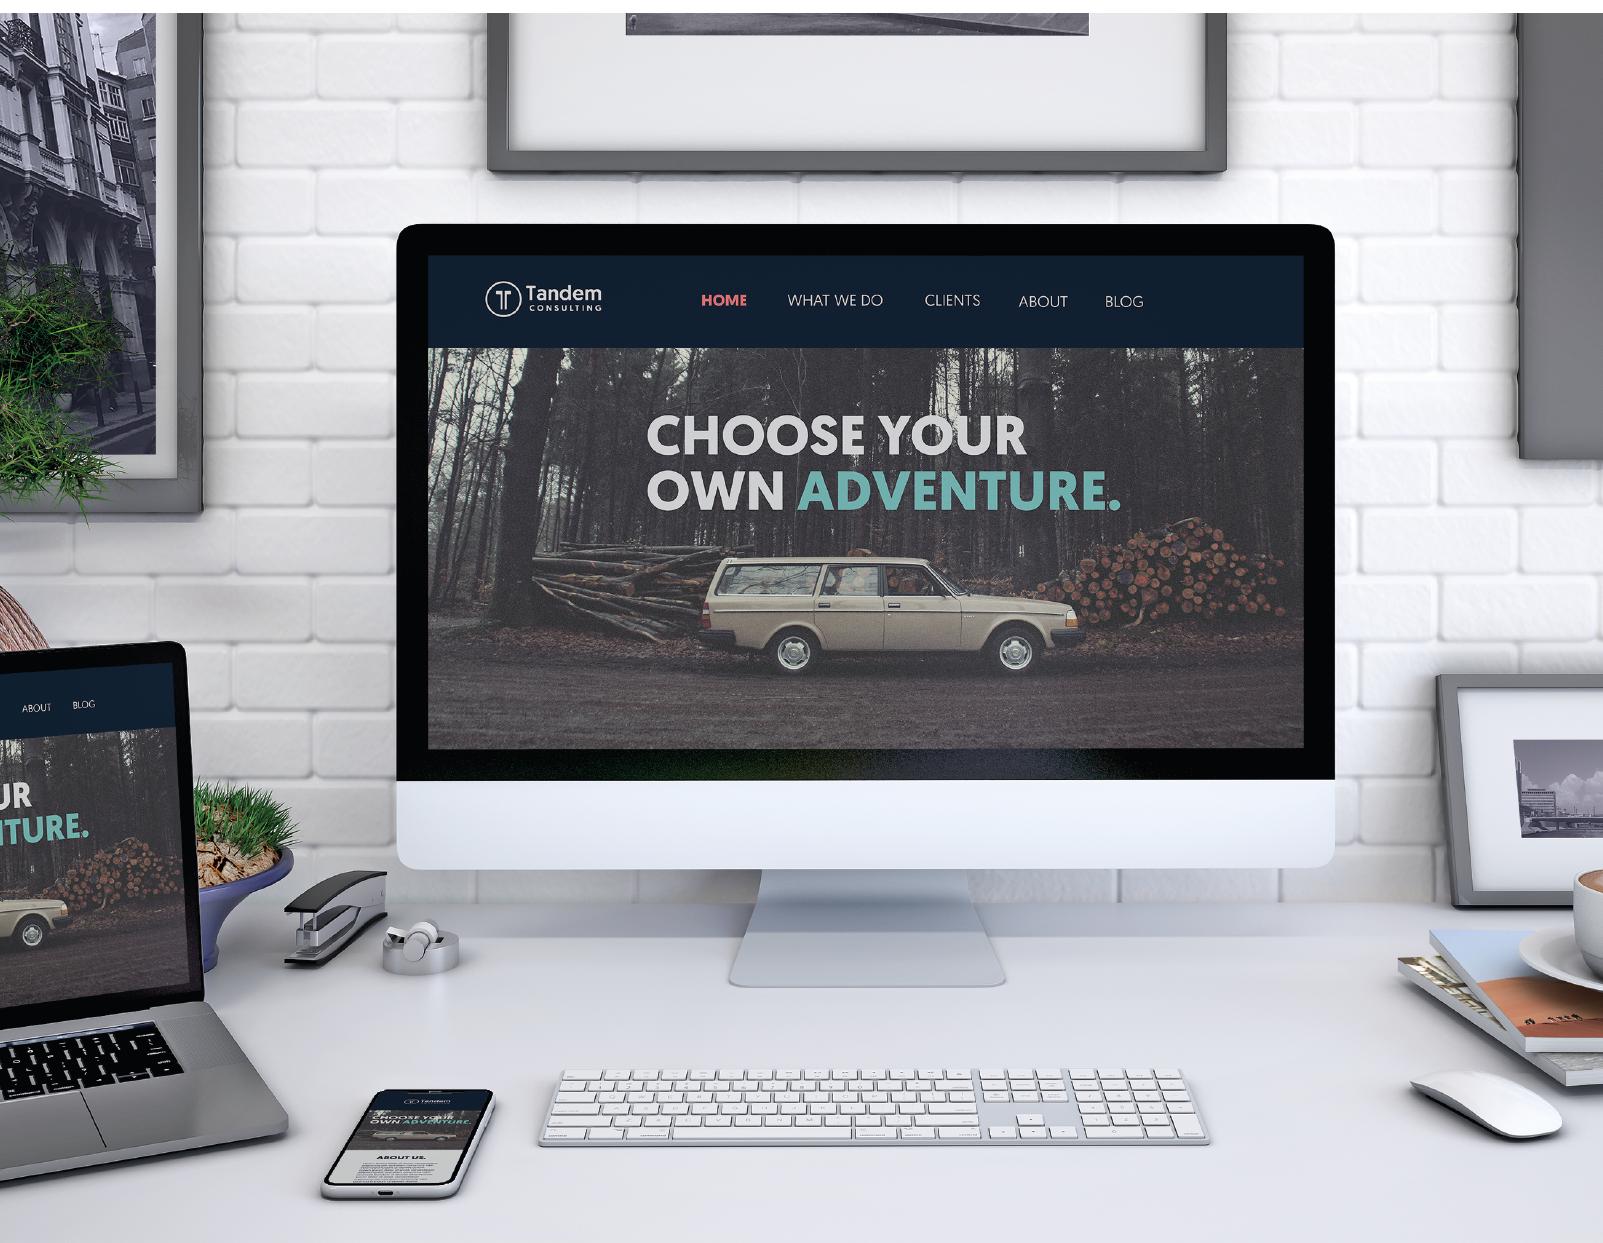 A desktop mockup of the Tandem website.